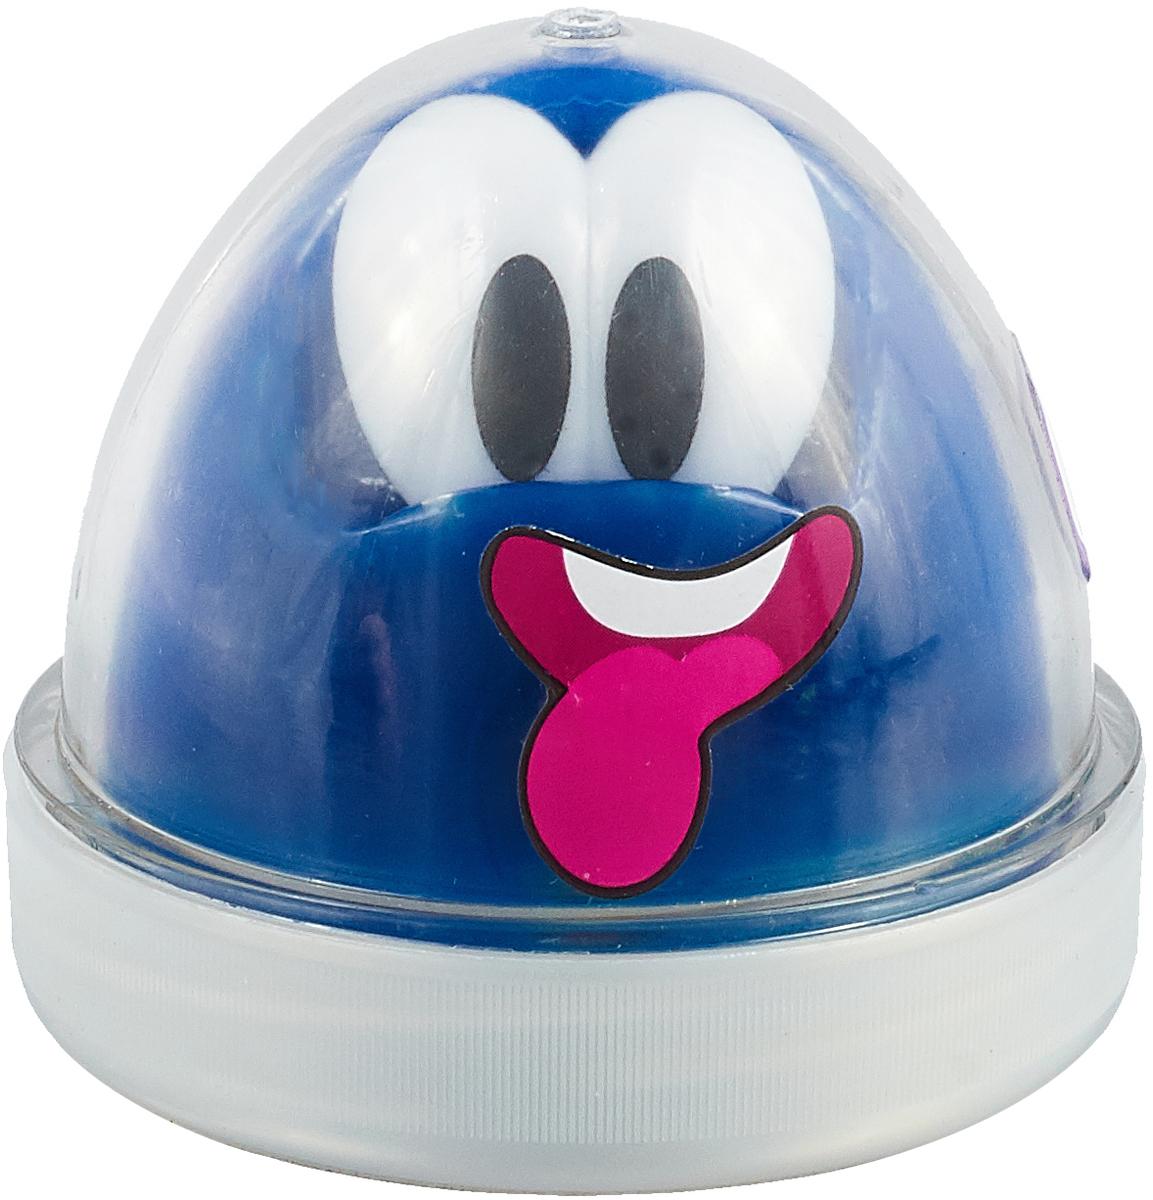 Genio Kids Пластилин для детской лепки Smart Gum светящийся в темноте цвет синий -  Пластилин